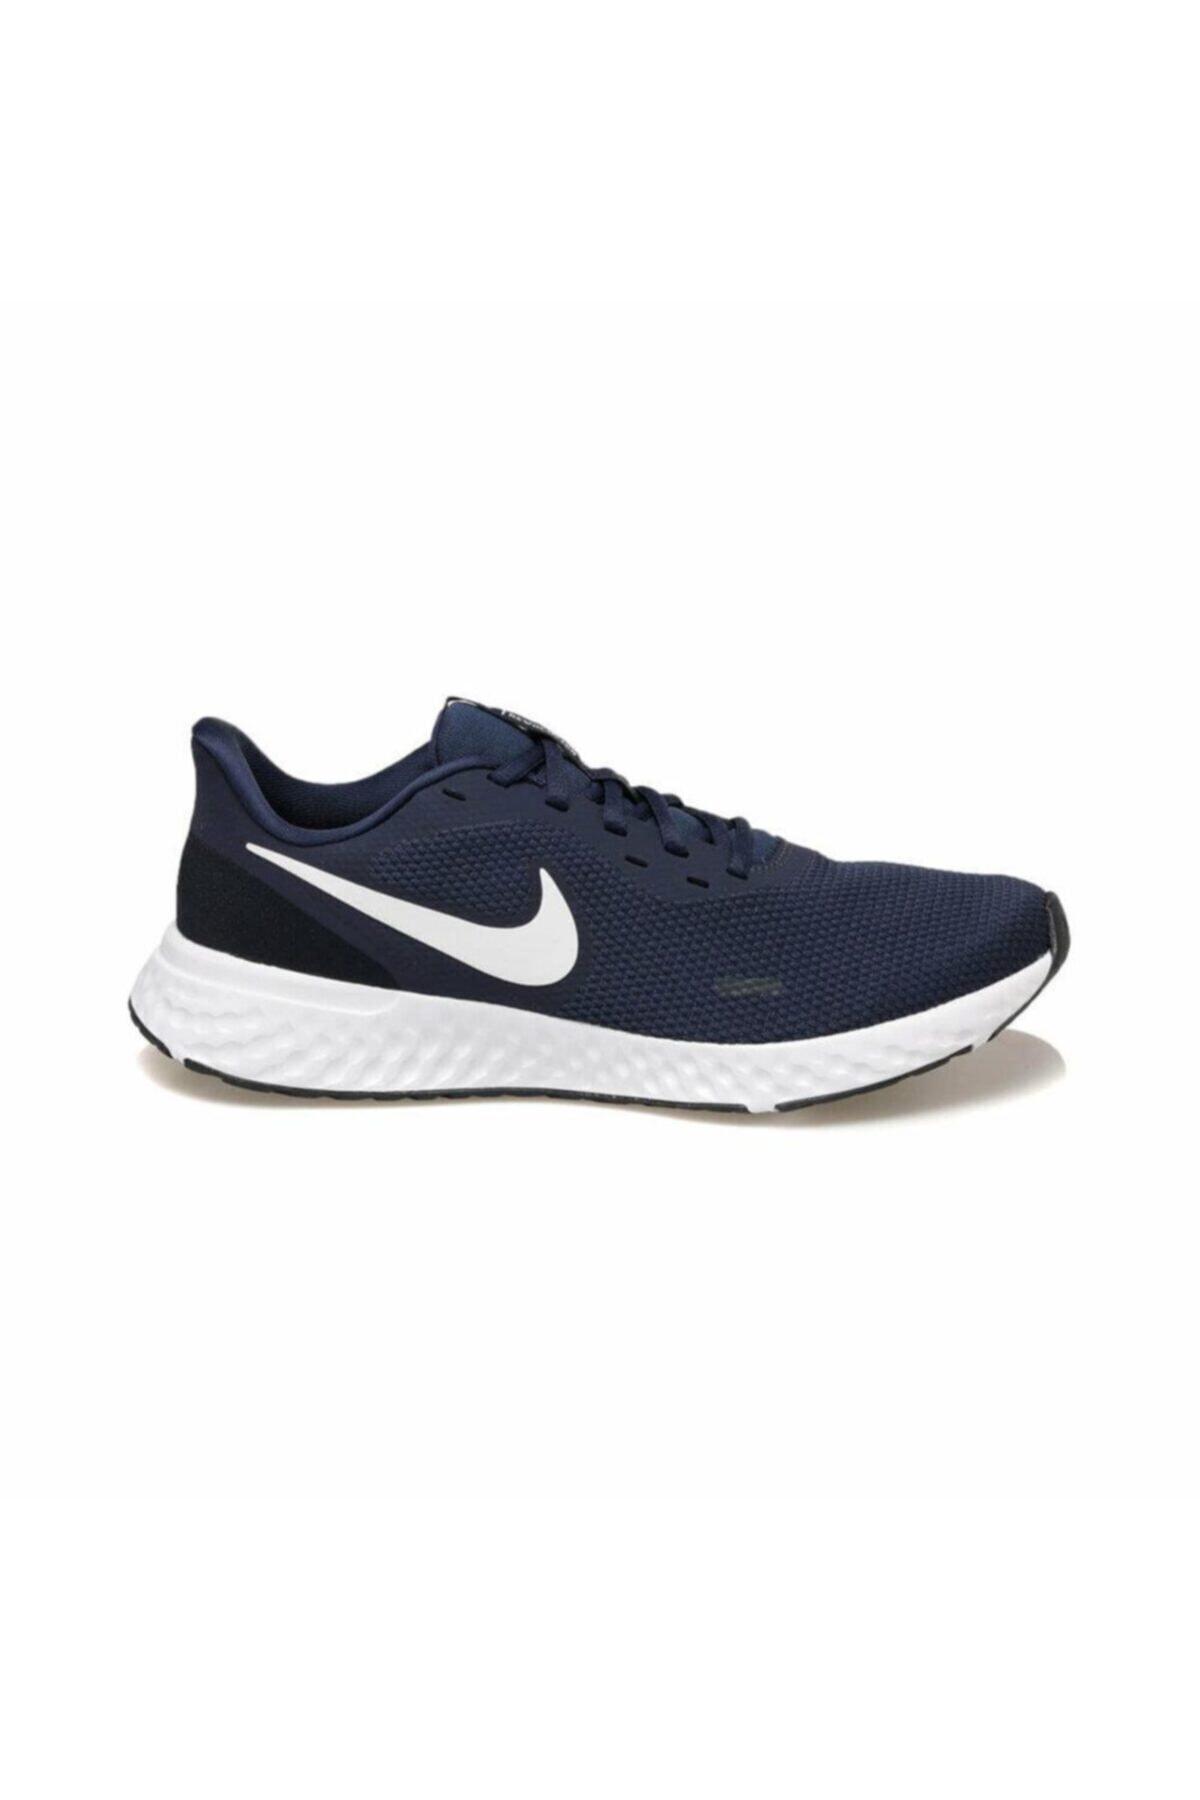 Nike Erkek Lacivert Yürüyüş Koşu Ayakkabı Bq3204-400 1